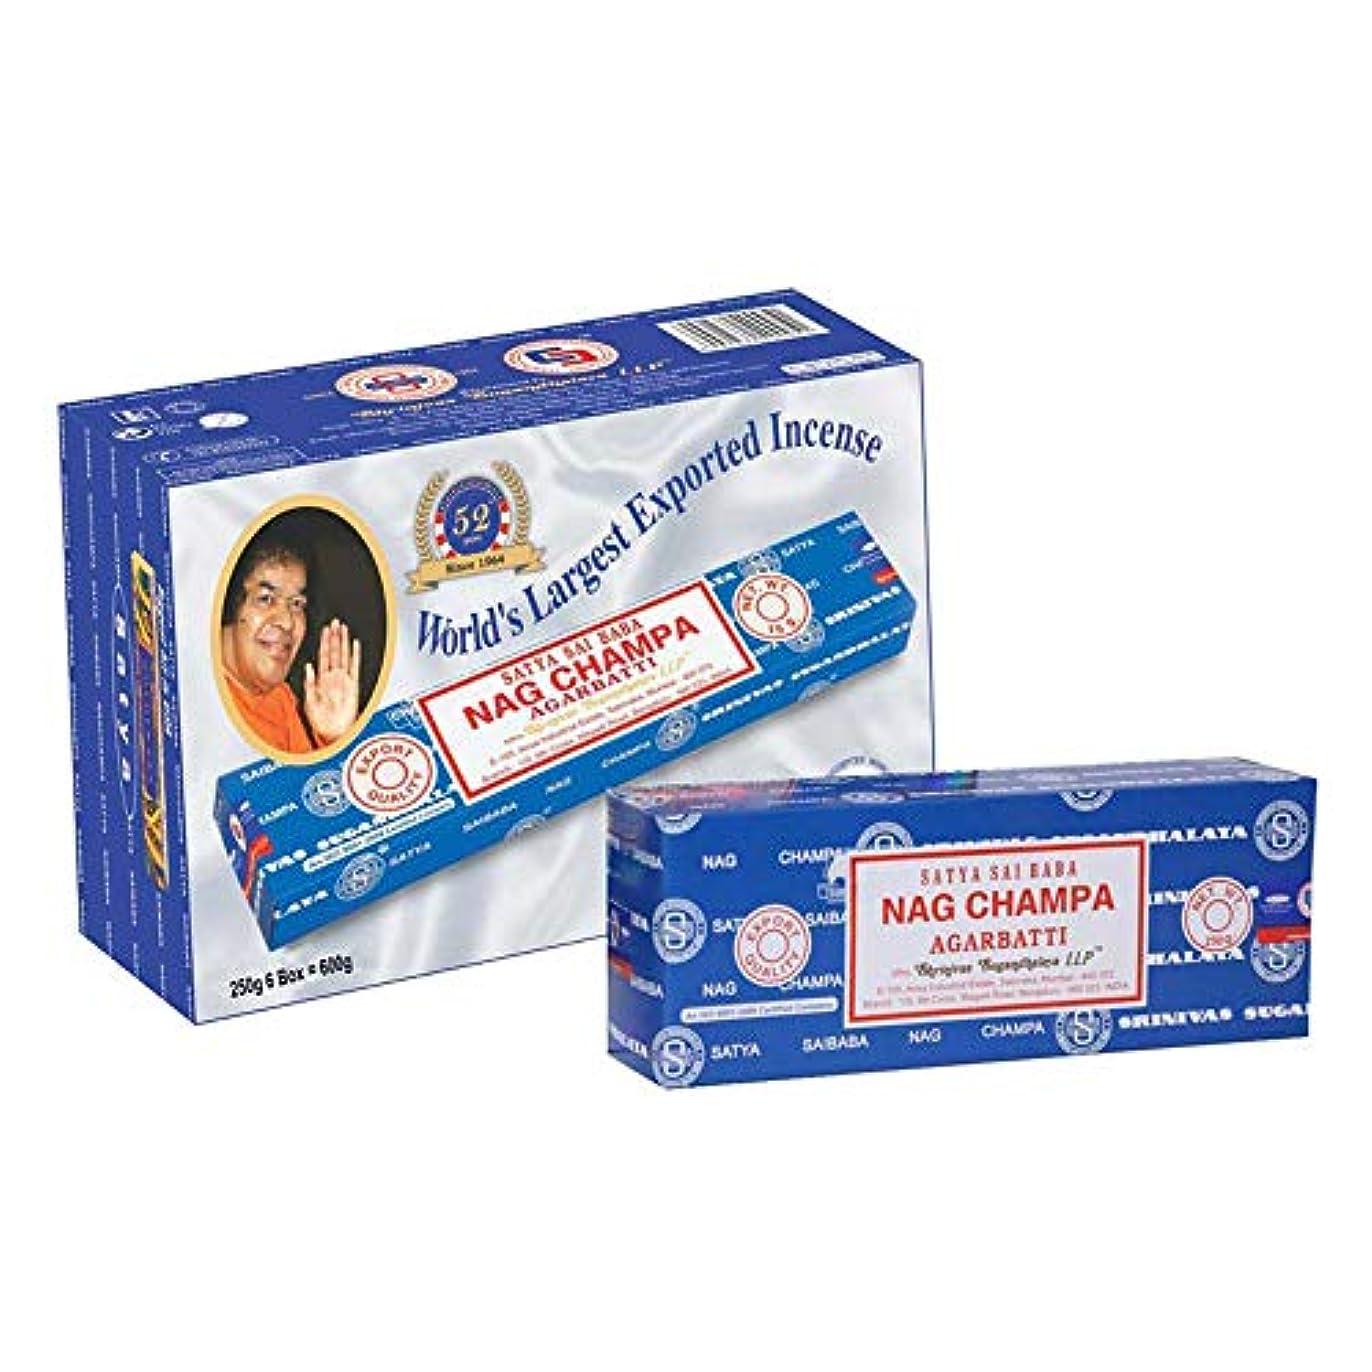 肯定的基準ダウンタウンSatya Sai Baba Nag Champa Incense Sticks 250グラムパック、4パックin aボックス